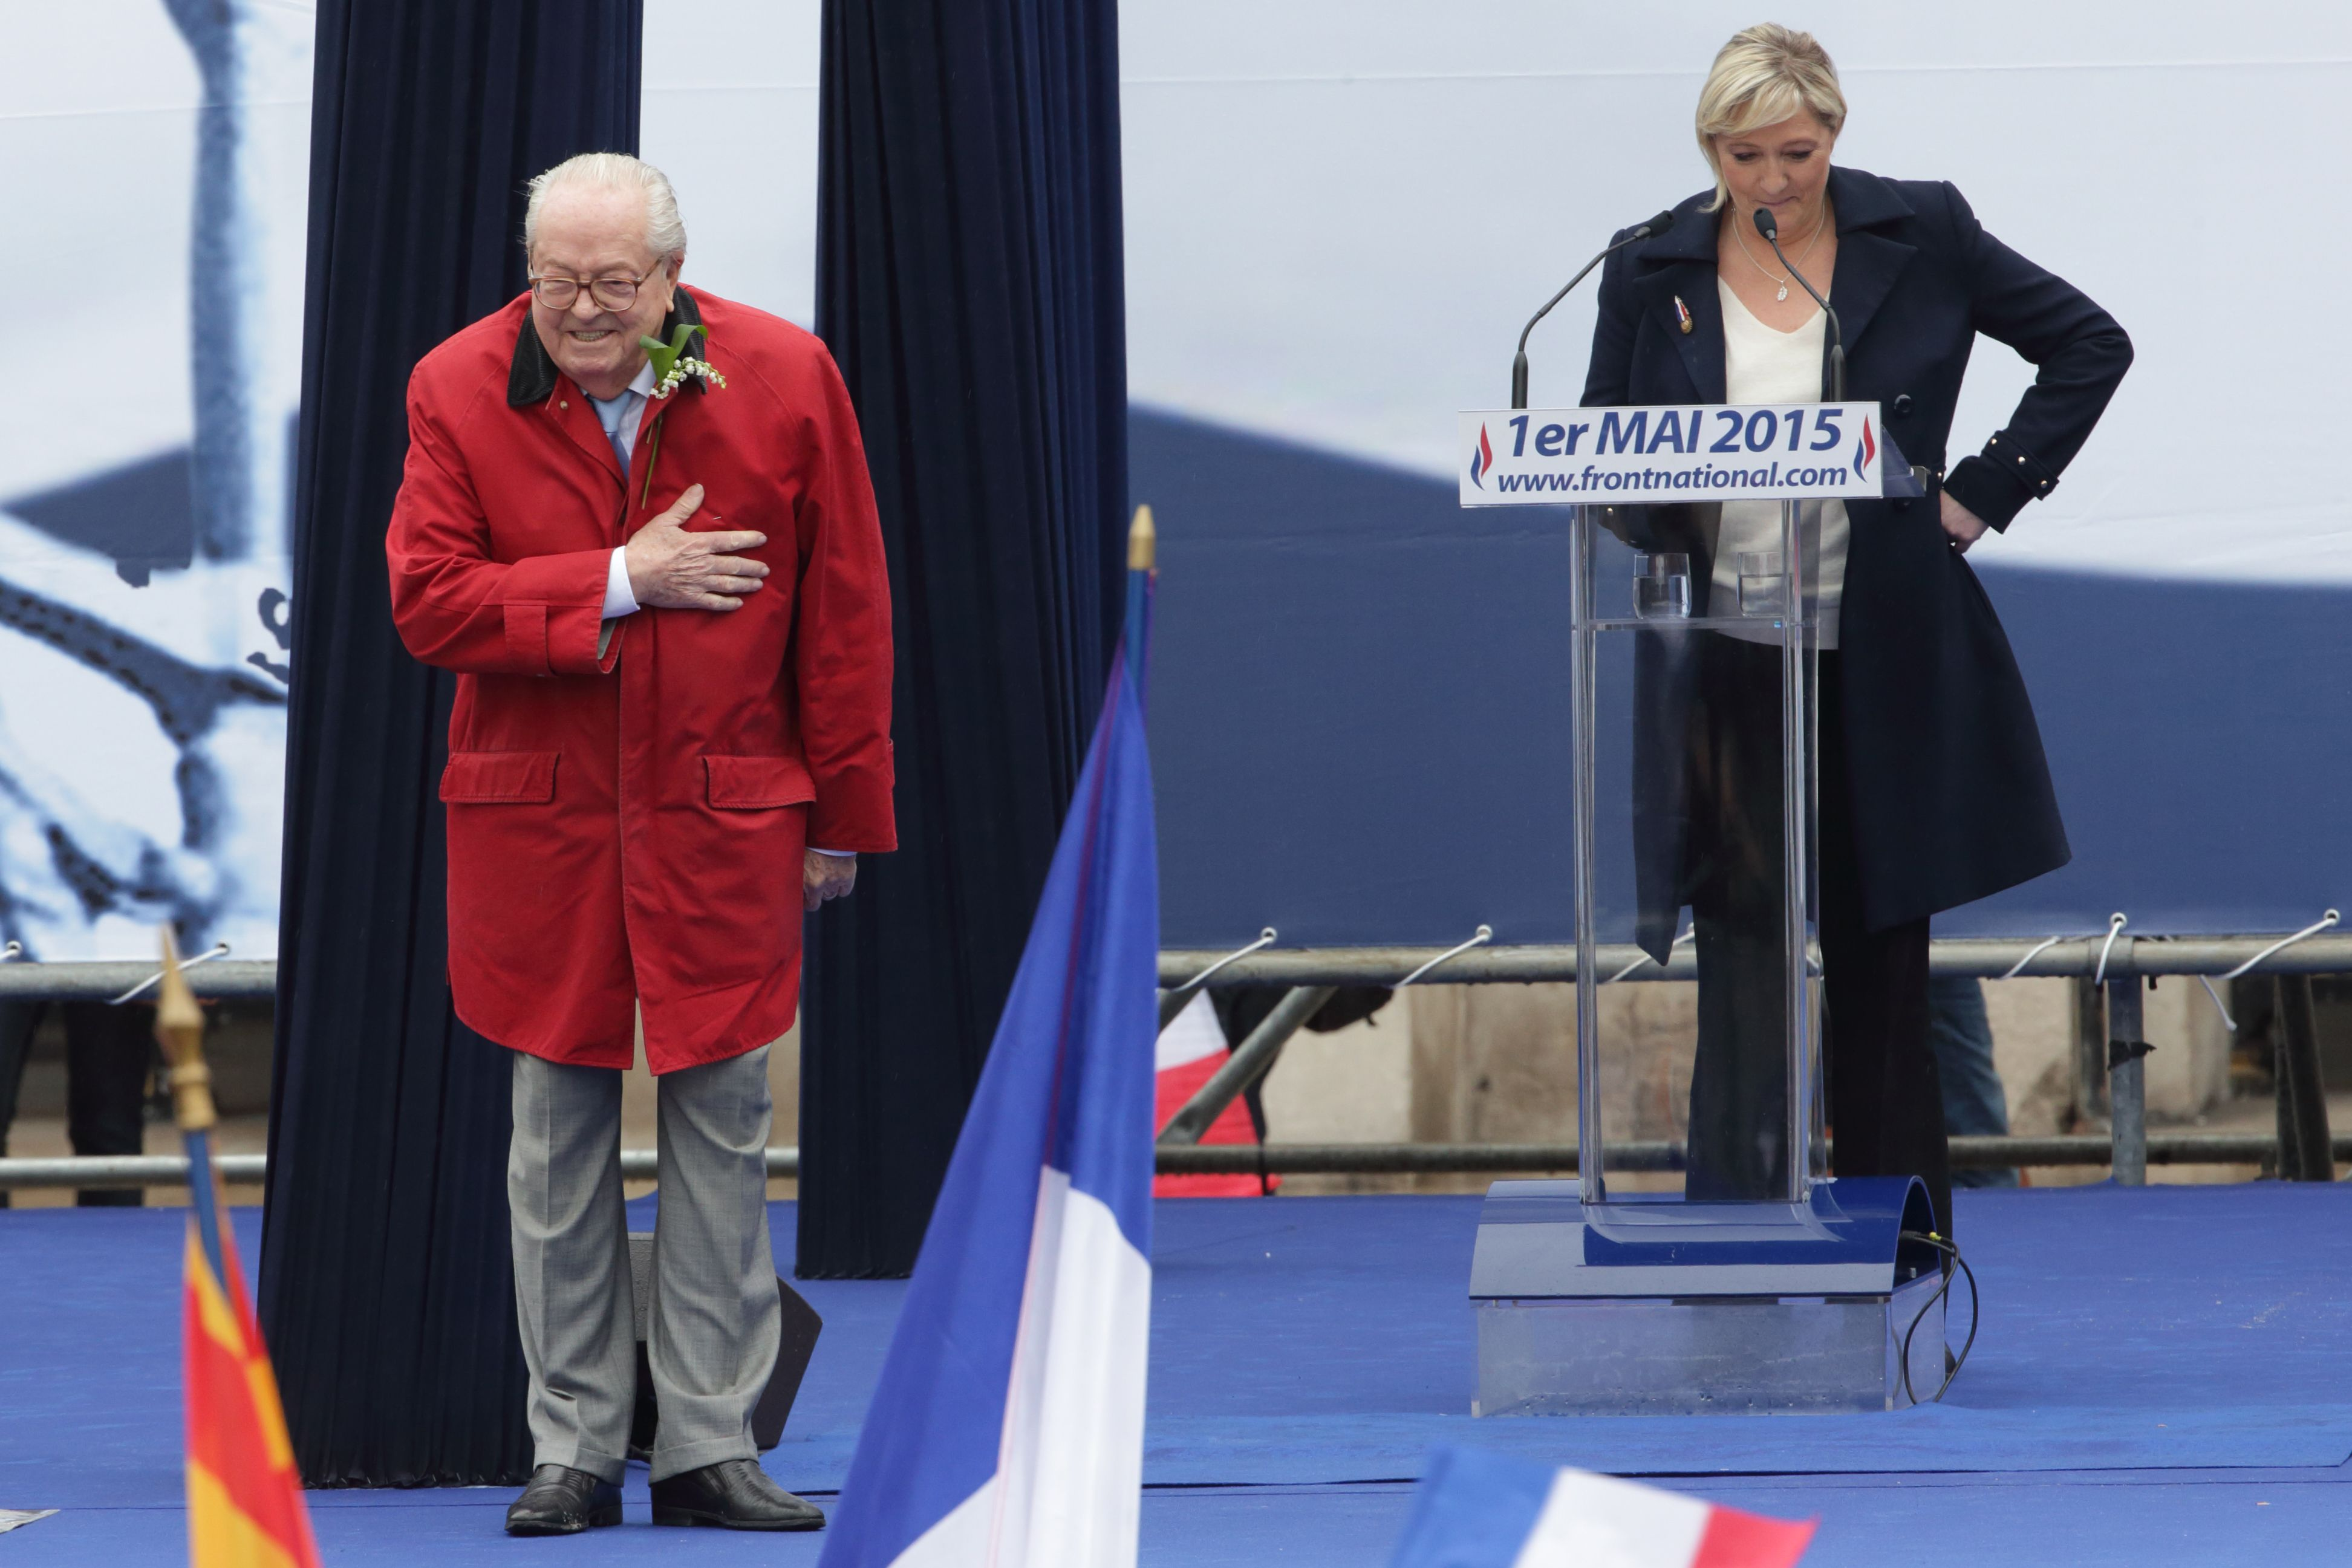 Jean-Marie Le Pen, fondateur du Front national, a été suspendu de son statut de membre.